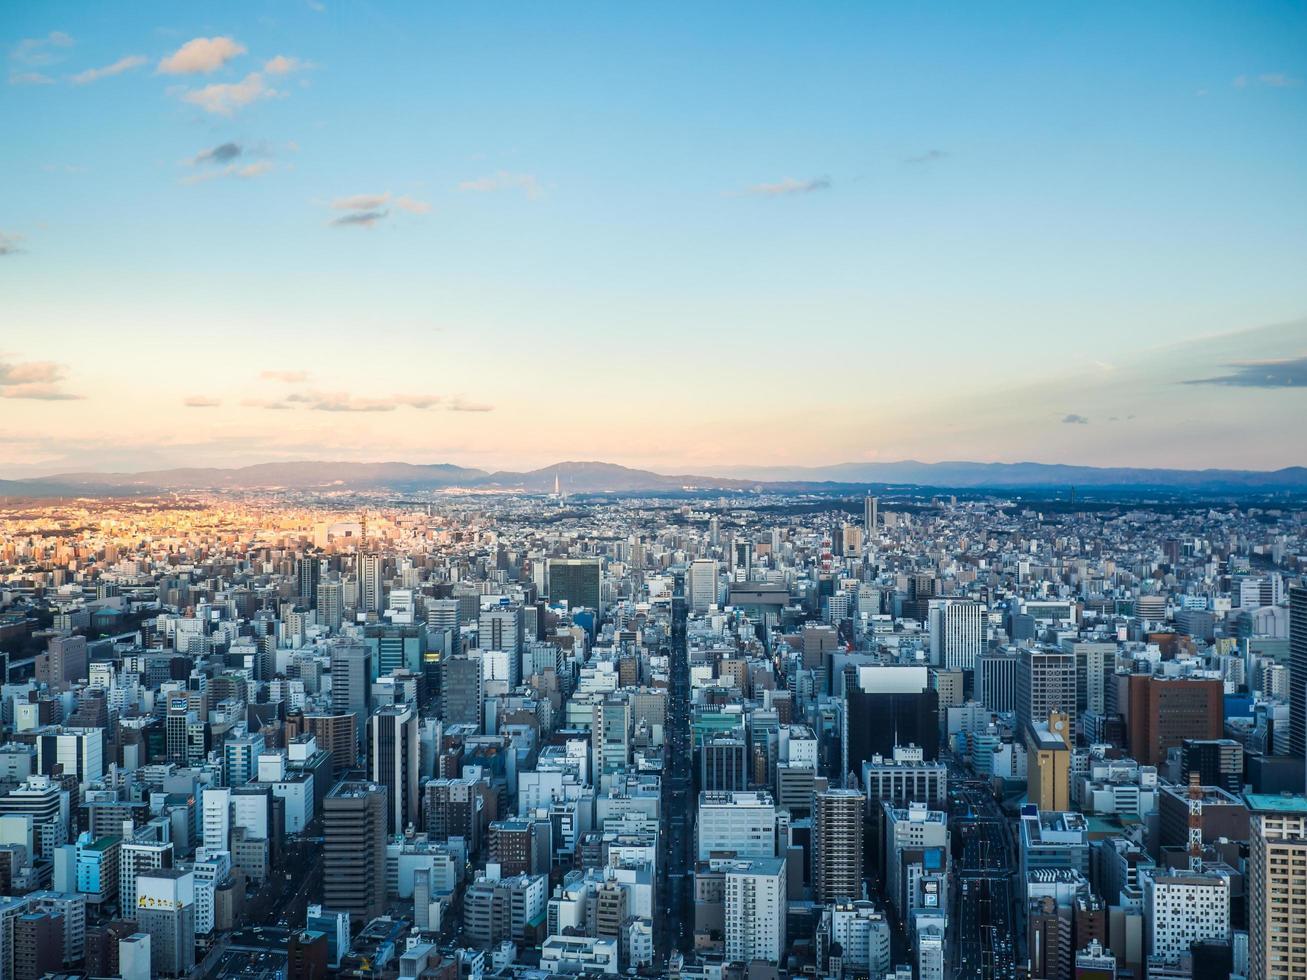 vue aérienne de la ville de Nagoya au Japon photo